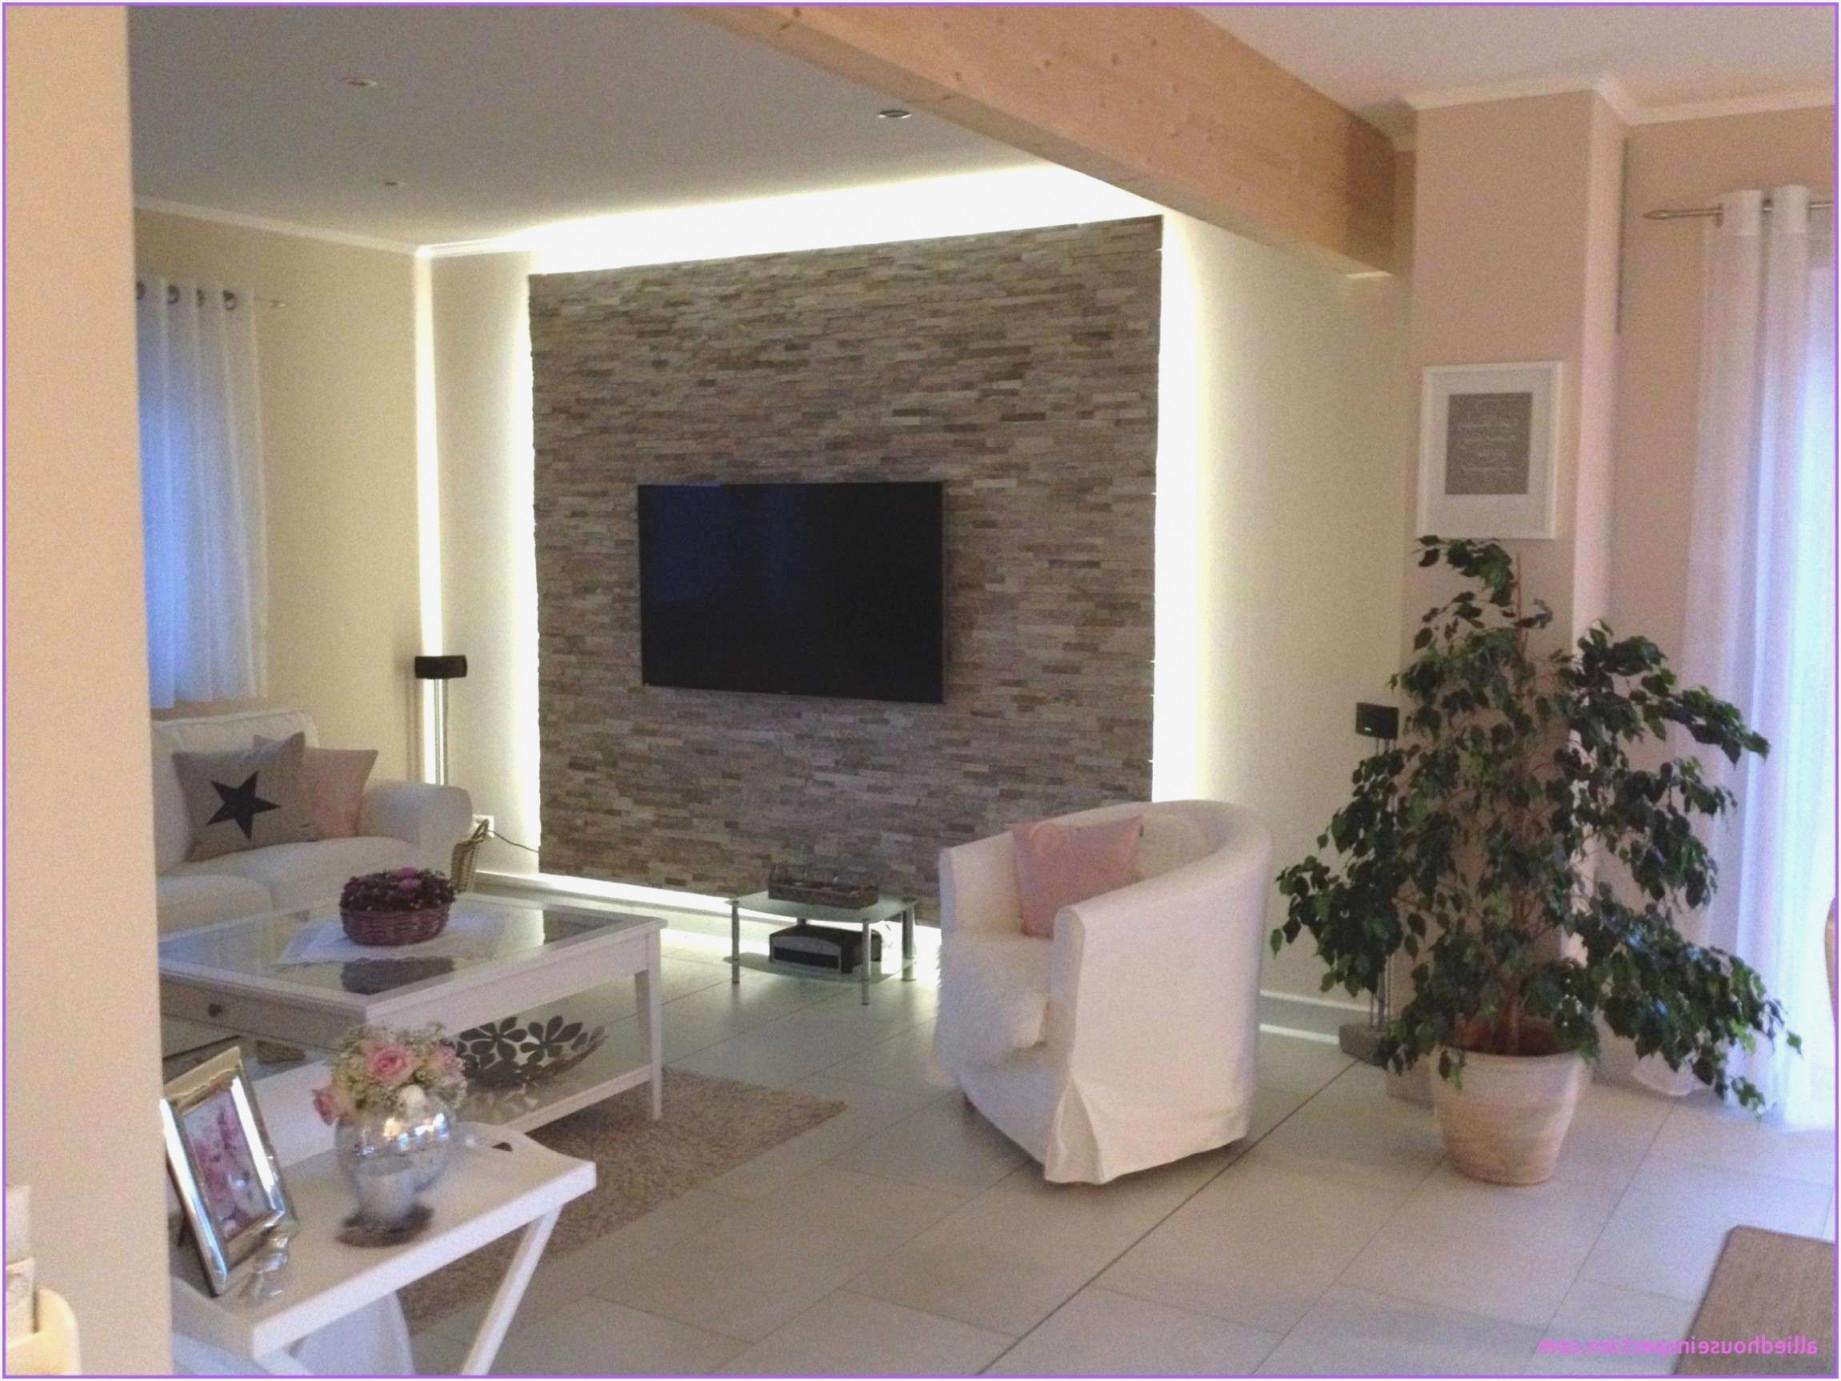 Kleines Wohnzimmer Mit Esstisch Einrichten – Caseconrad von Wohnzimmer Mit Esstisch Einrichten Photo